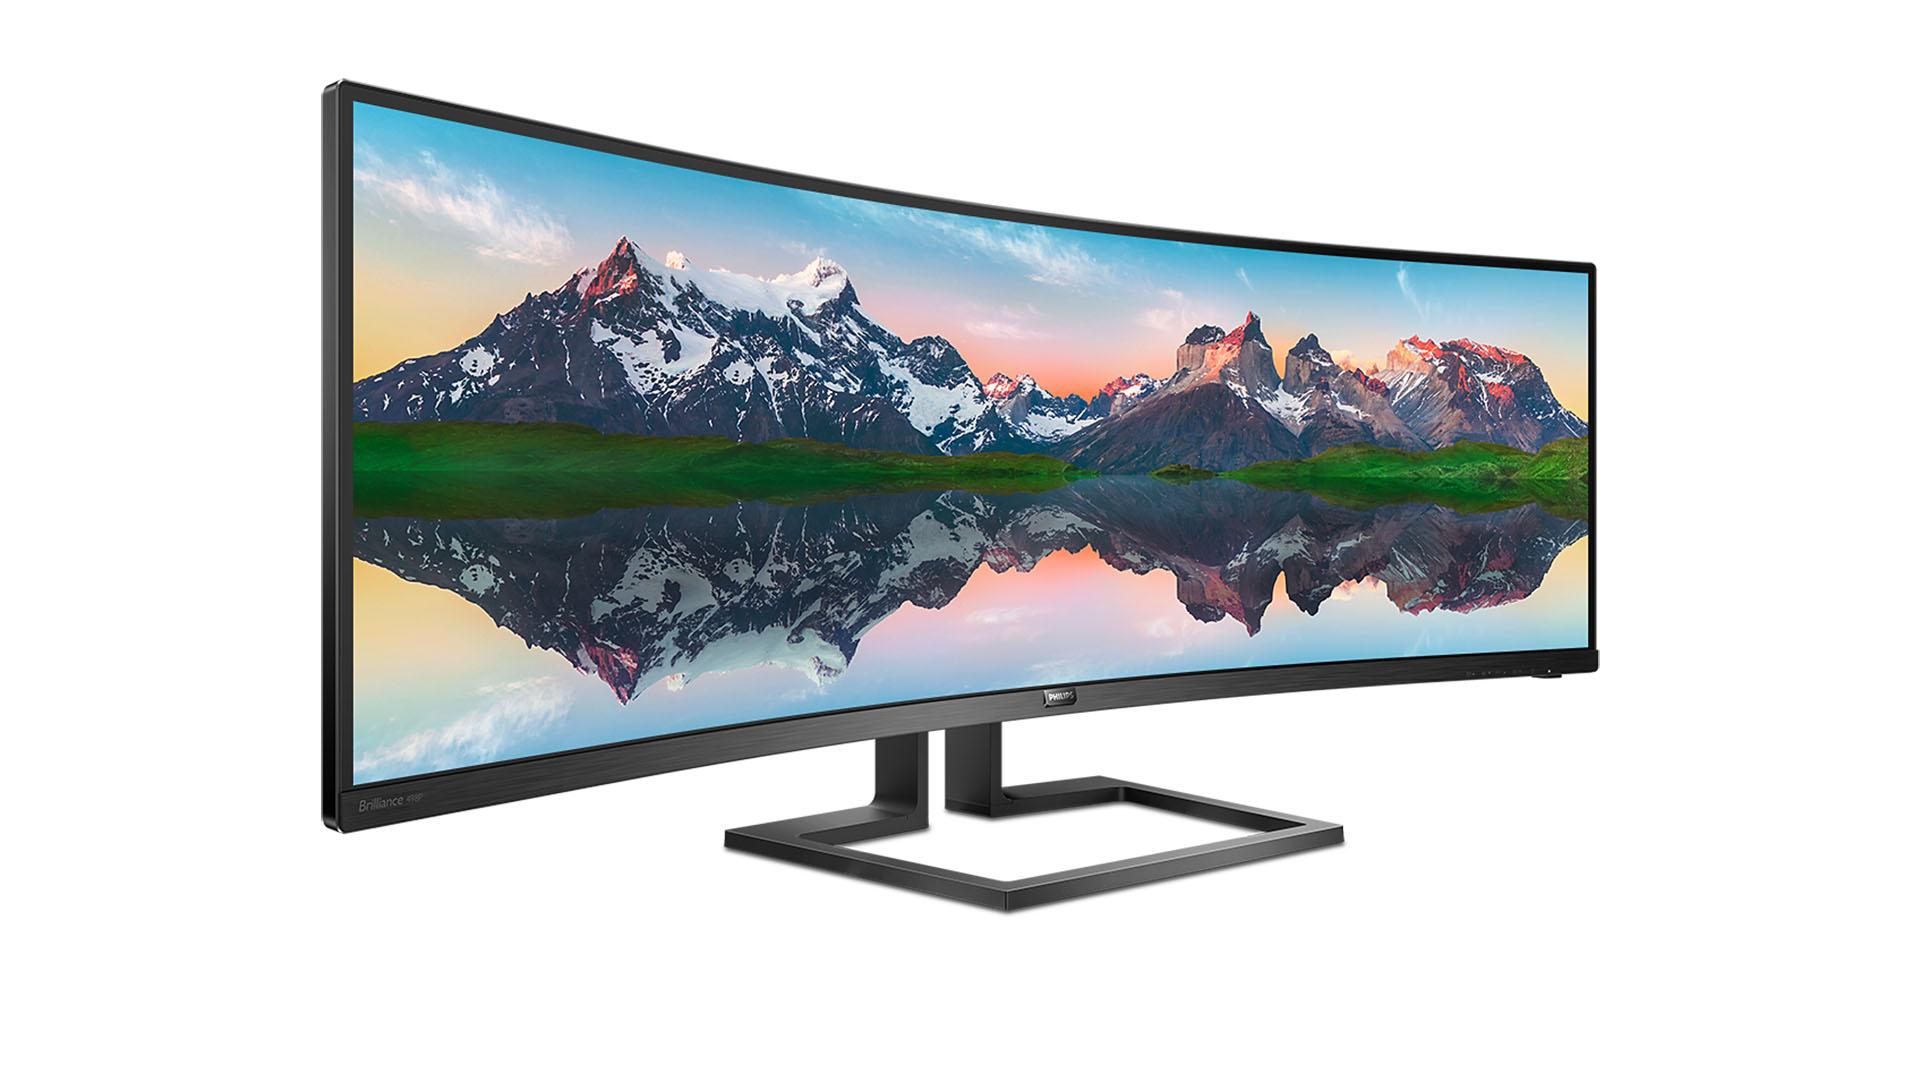 Czy dwa monitory w jednym mają sens? Philips twierdzi że tak i prezentuje 49-calowy model Dual Quad HD 32:9